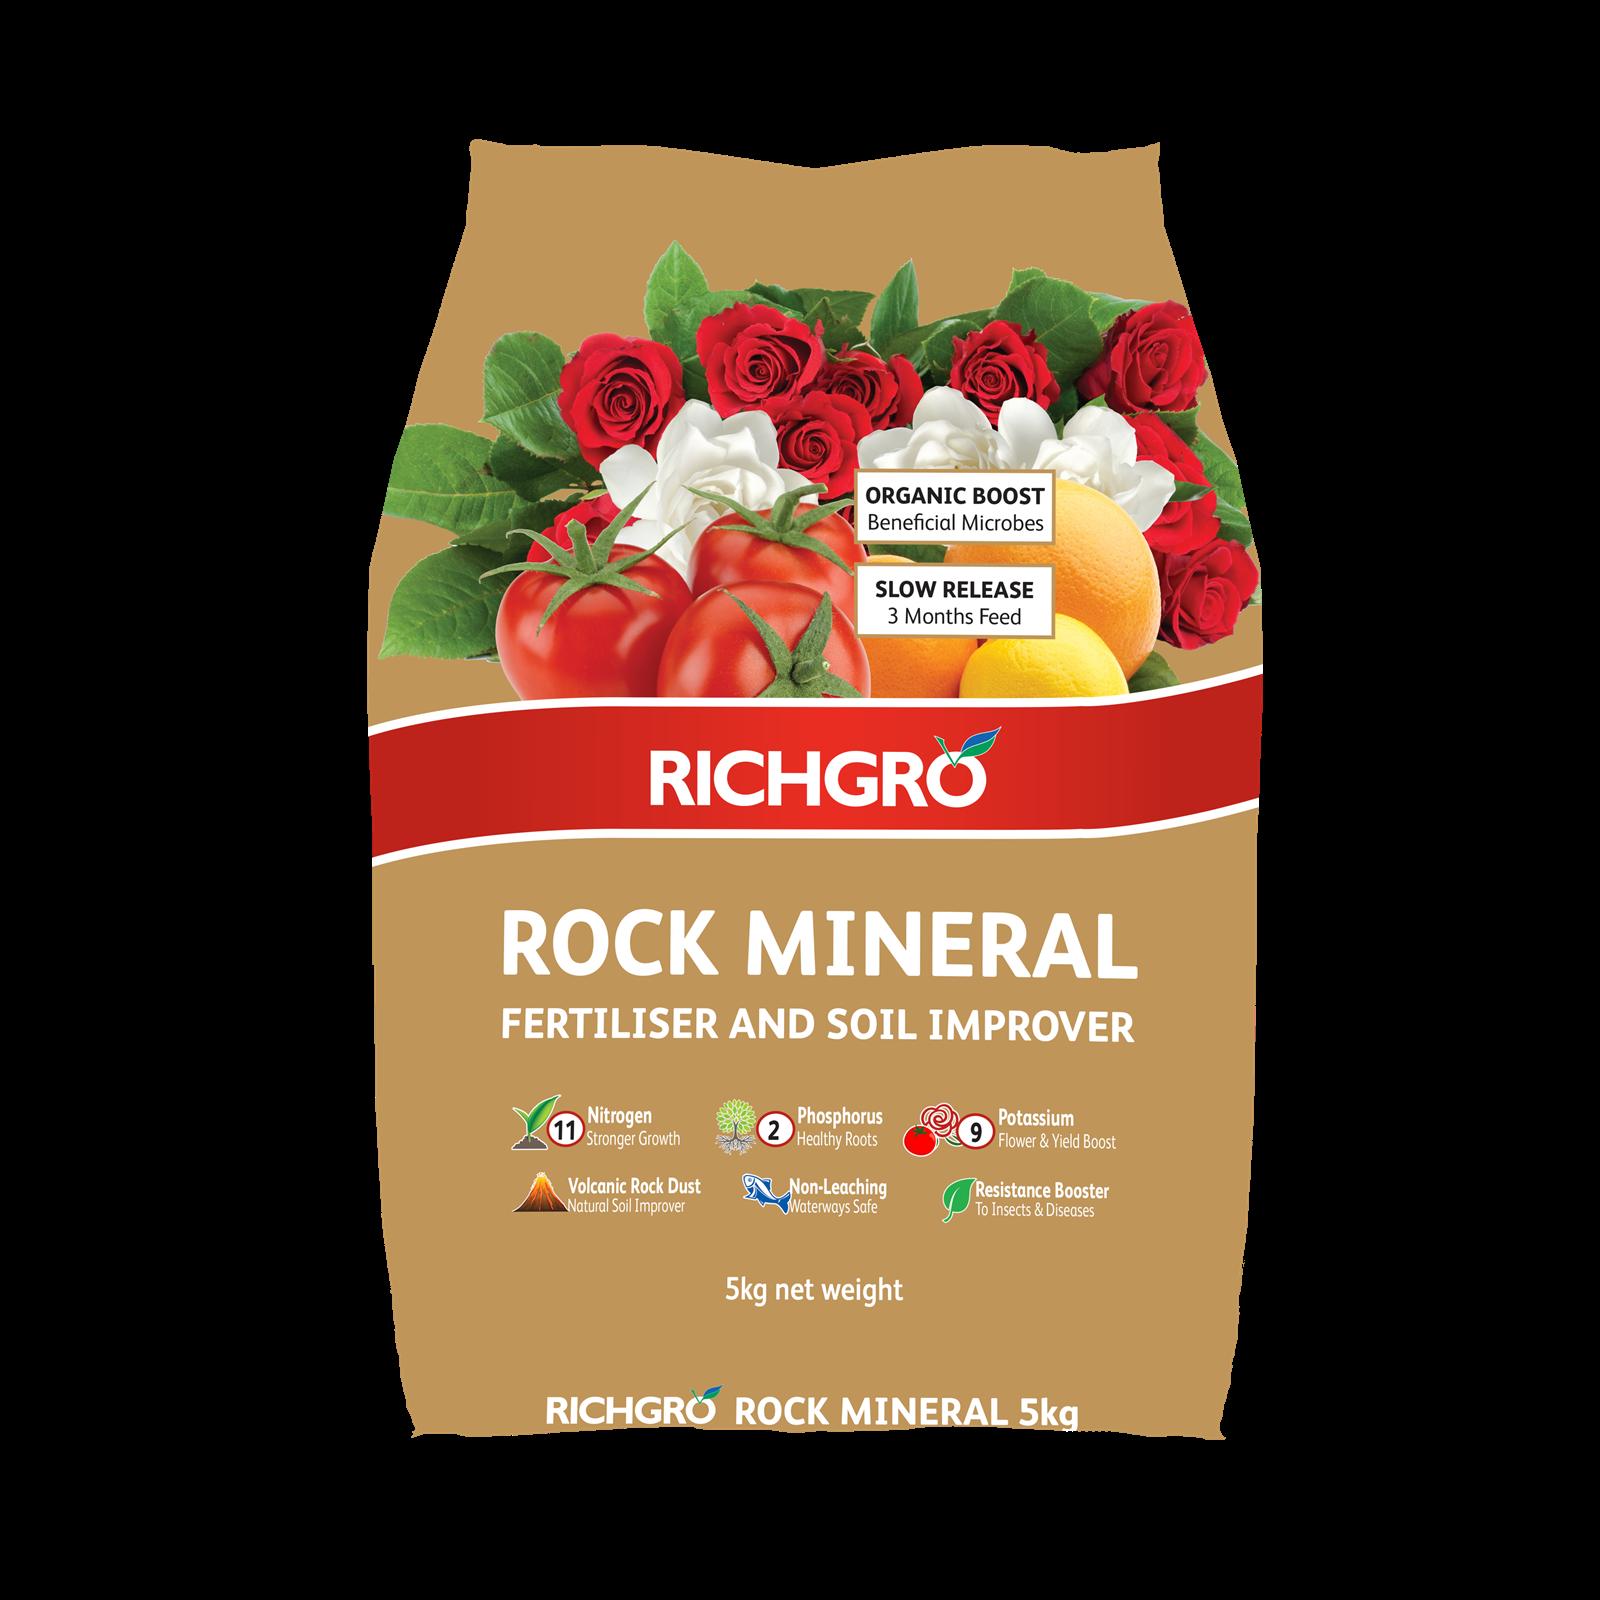 Richgro 5kg Rock Mineral Fertiliser and Soil Improver